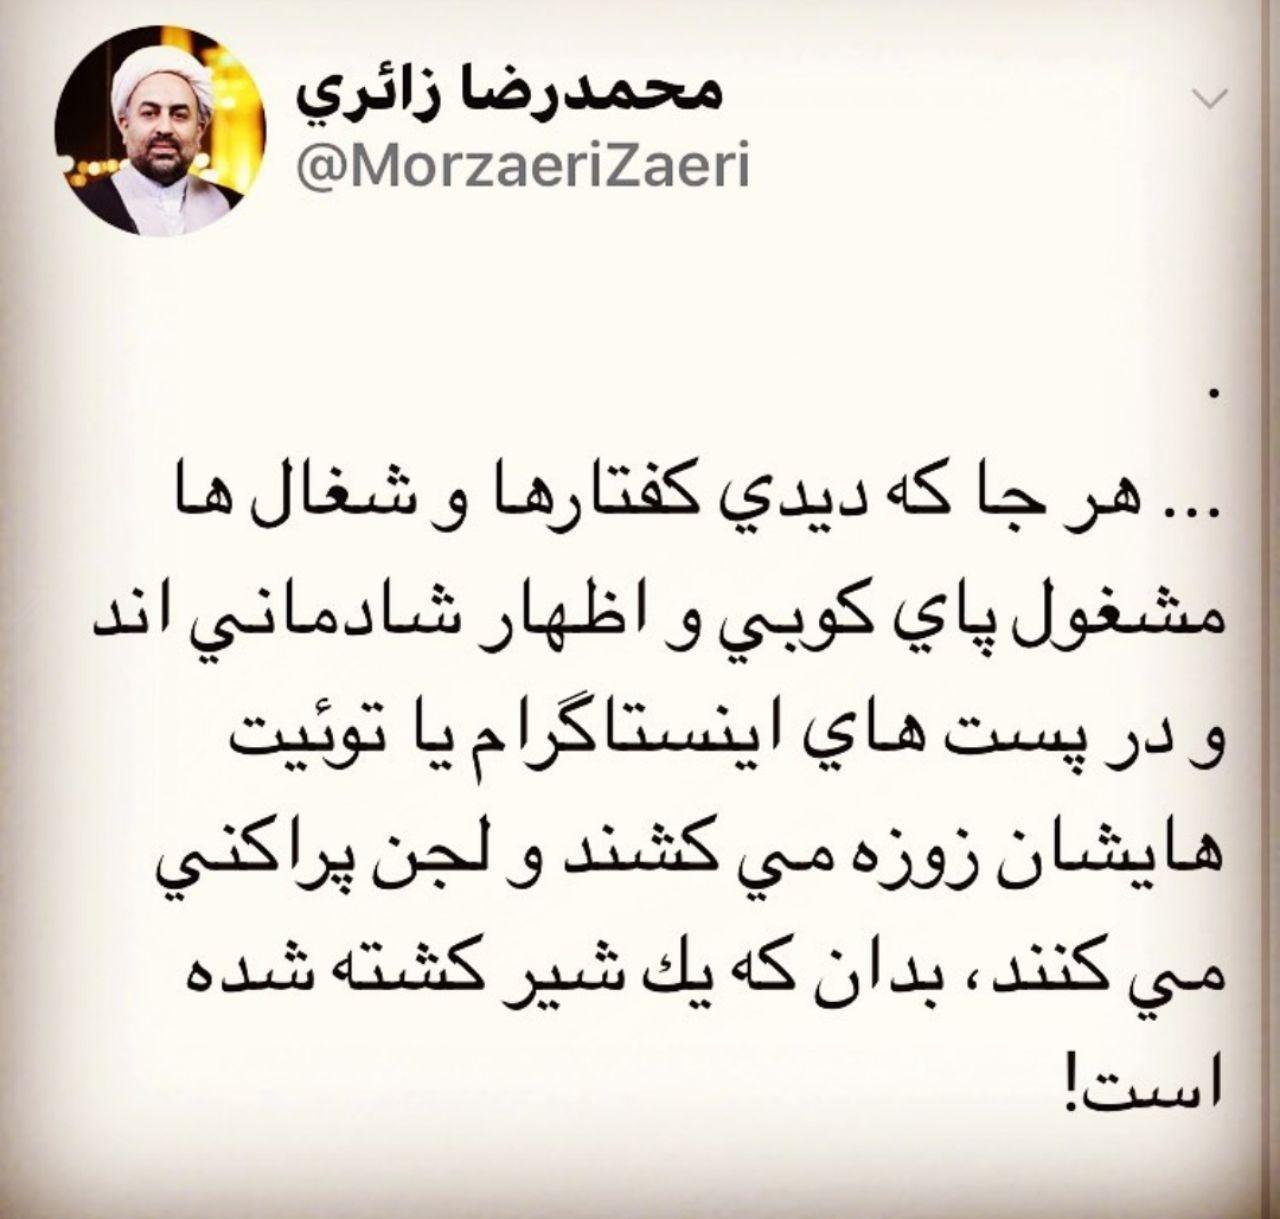 توئیت محمد رضا زائری: بدان که شیری کشته شده